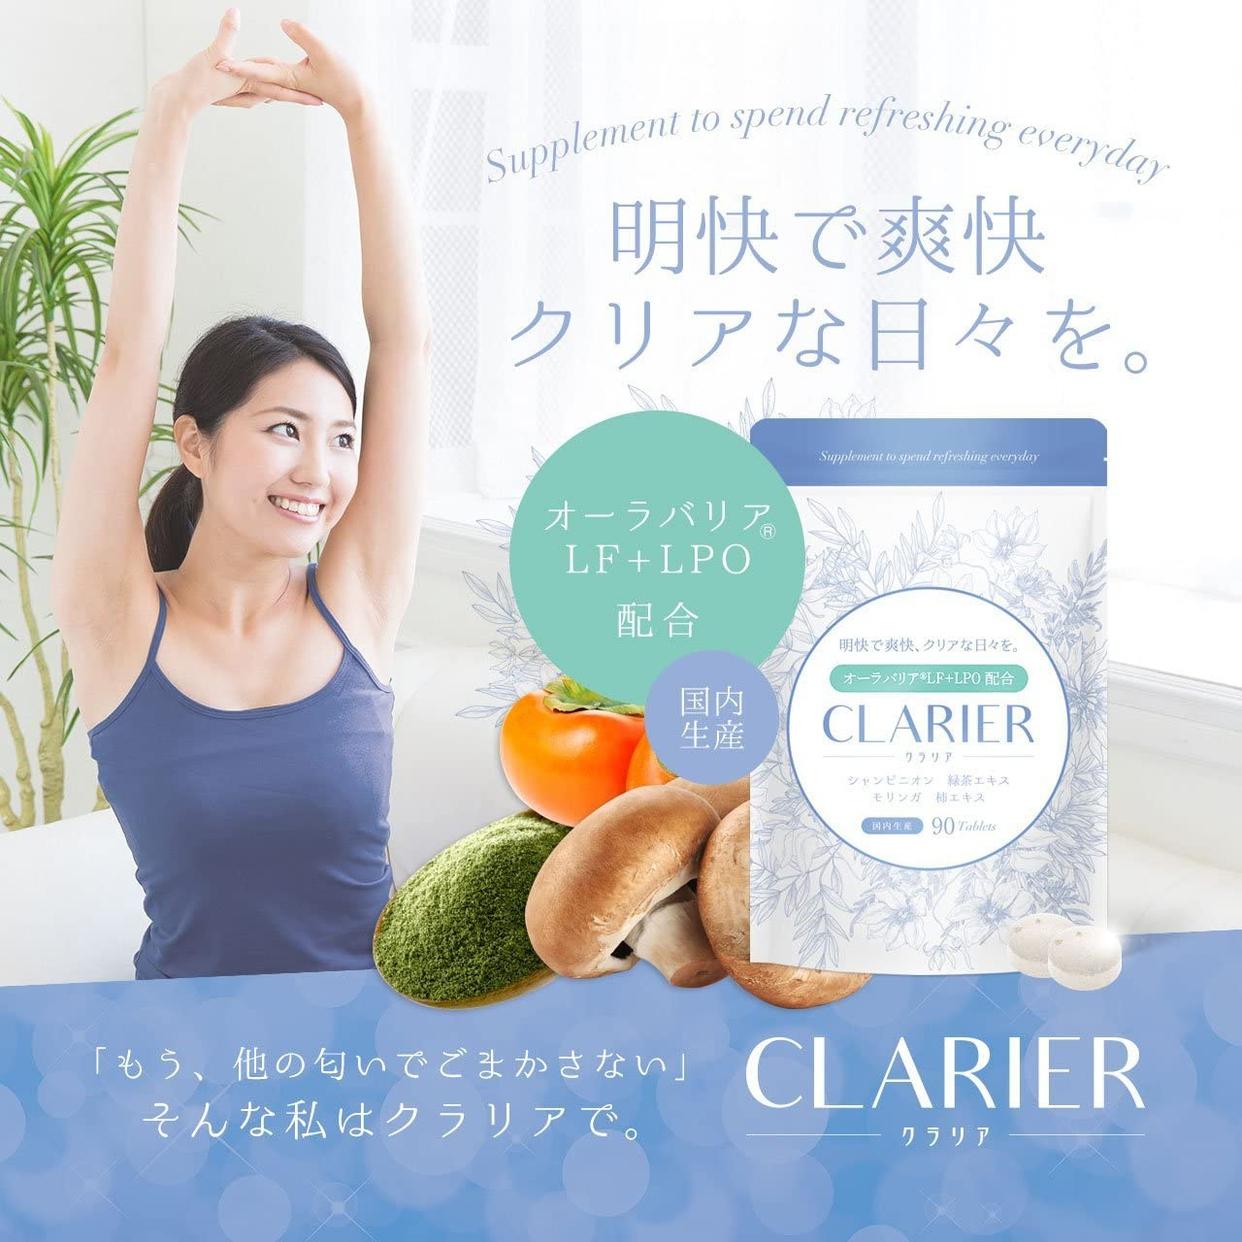 nanairo クラリアの商品画像2